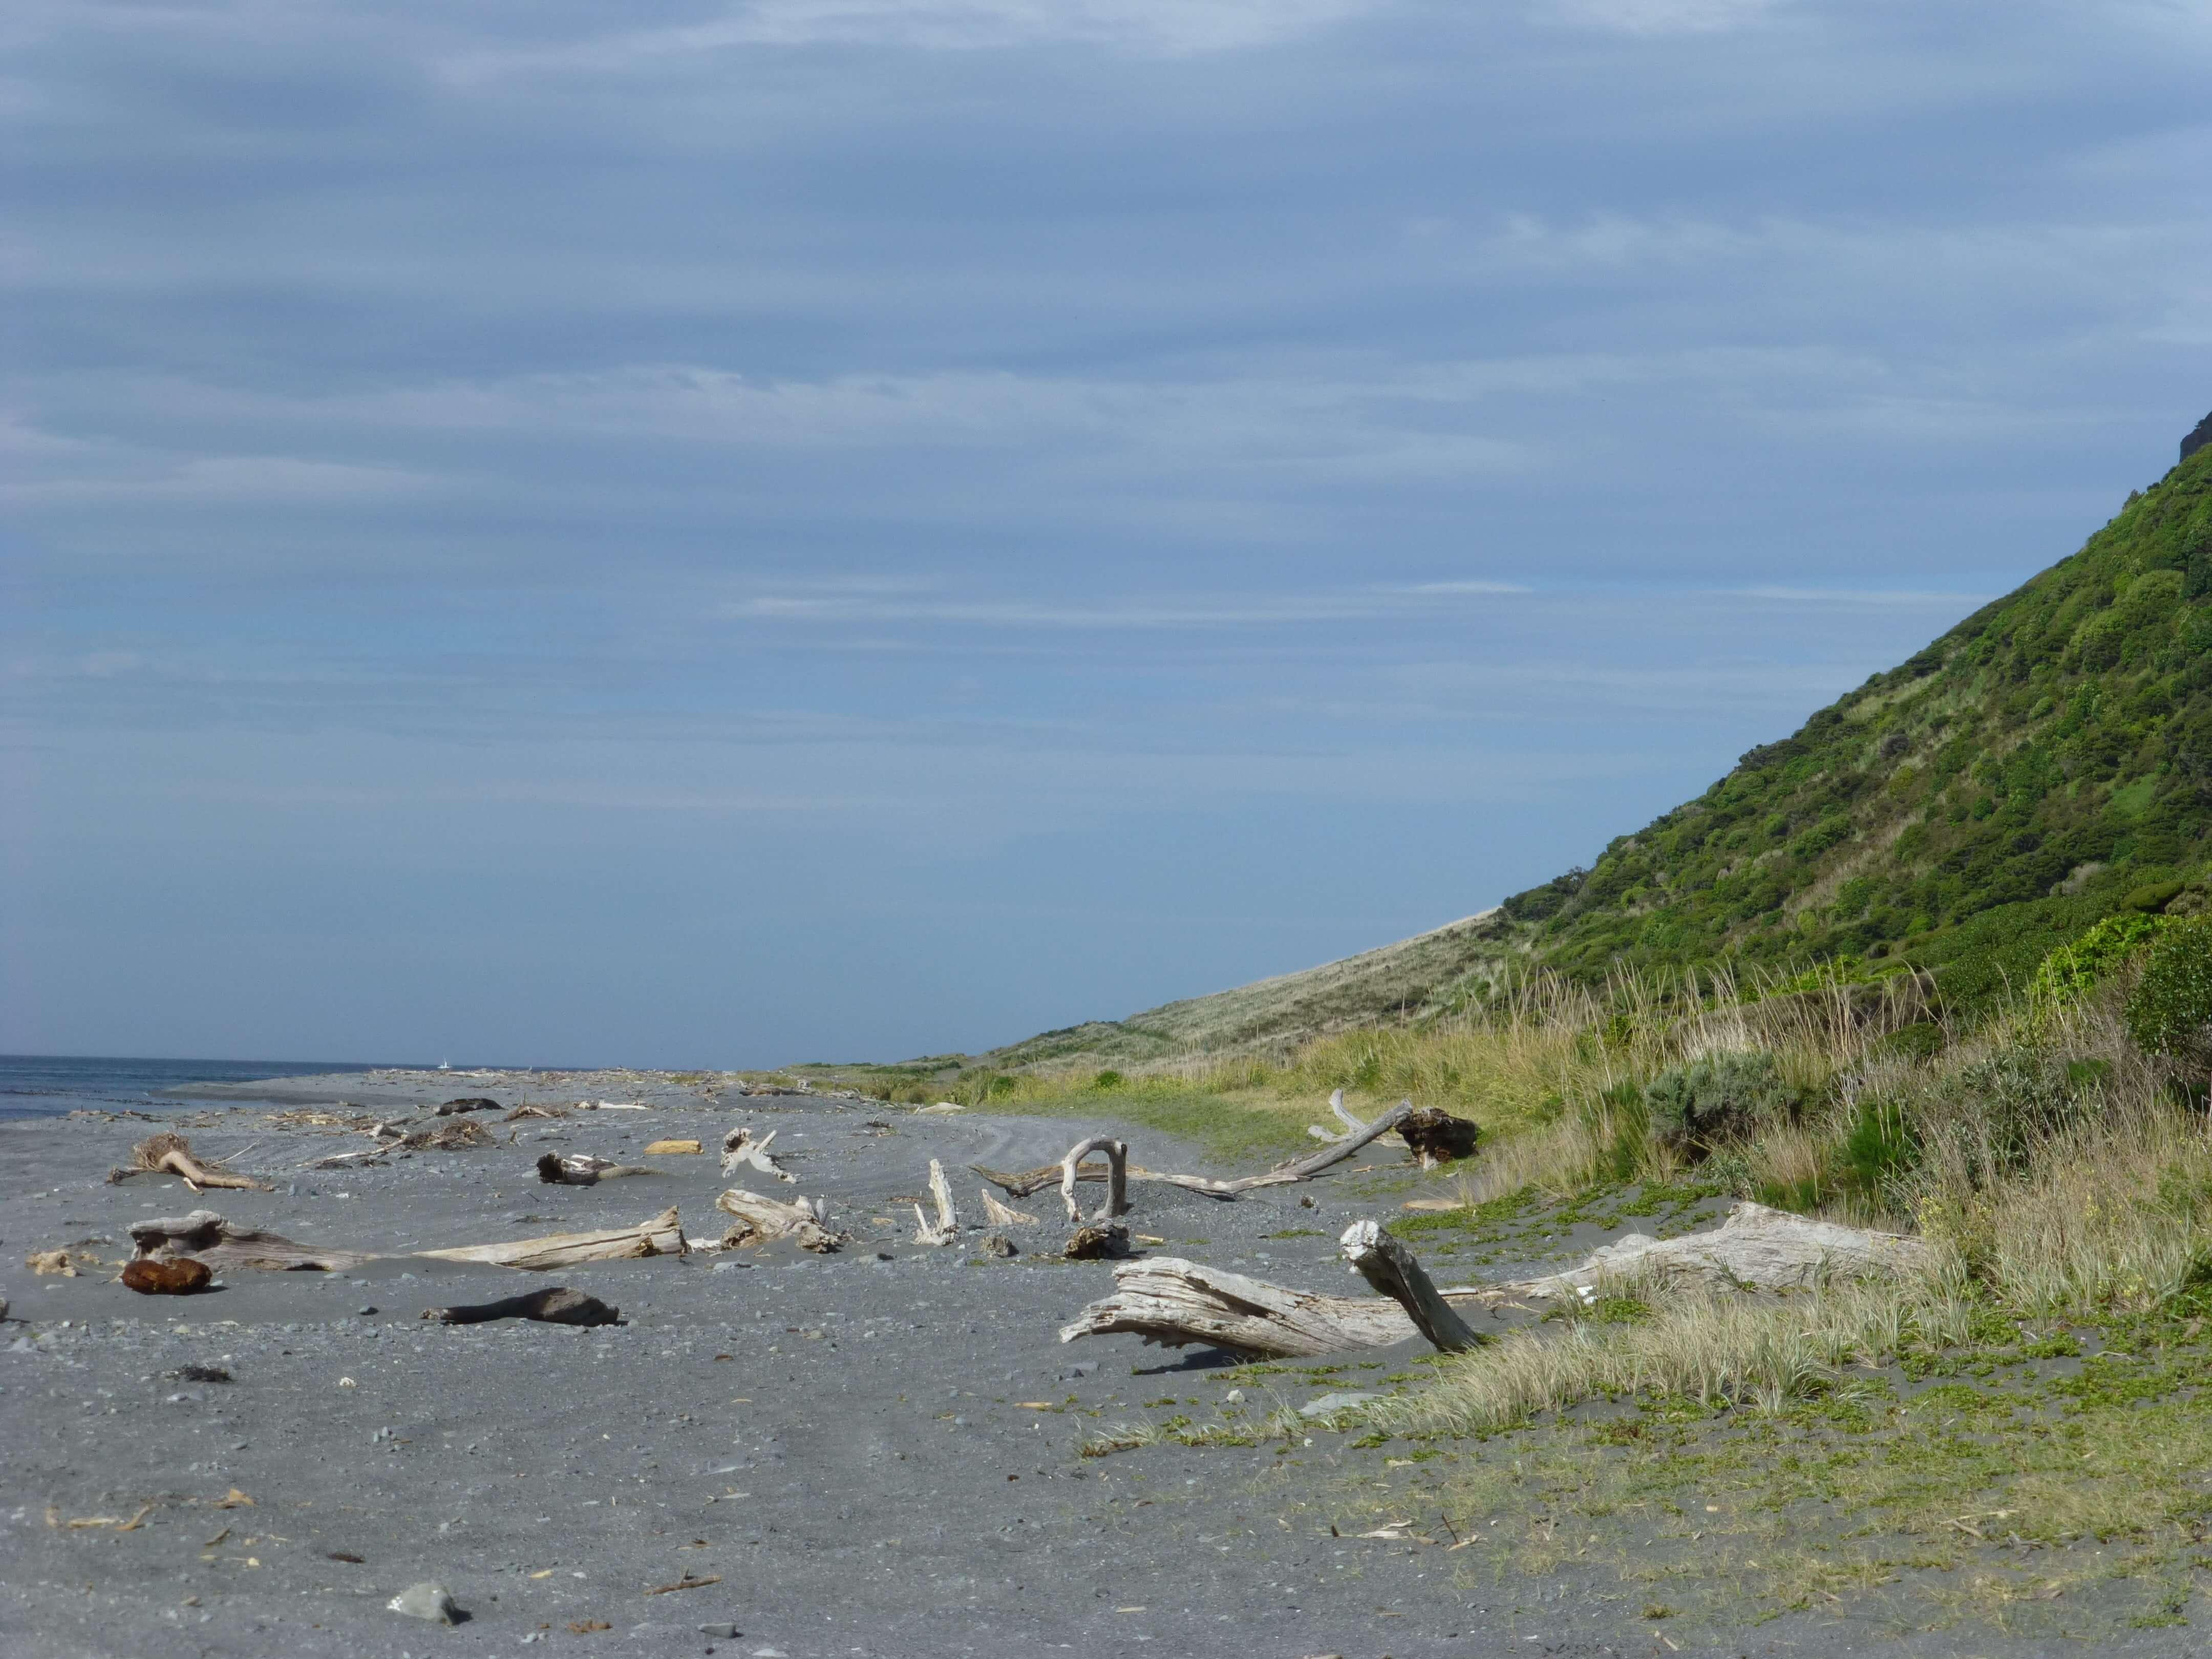 Weit-weg.reisen, Palliser Bay bei Corner Creek 13